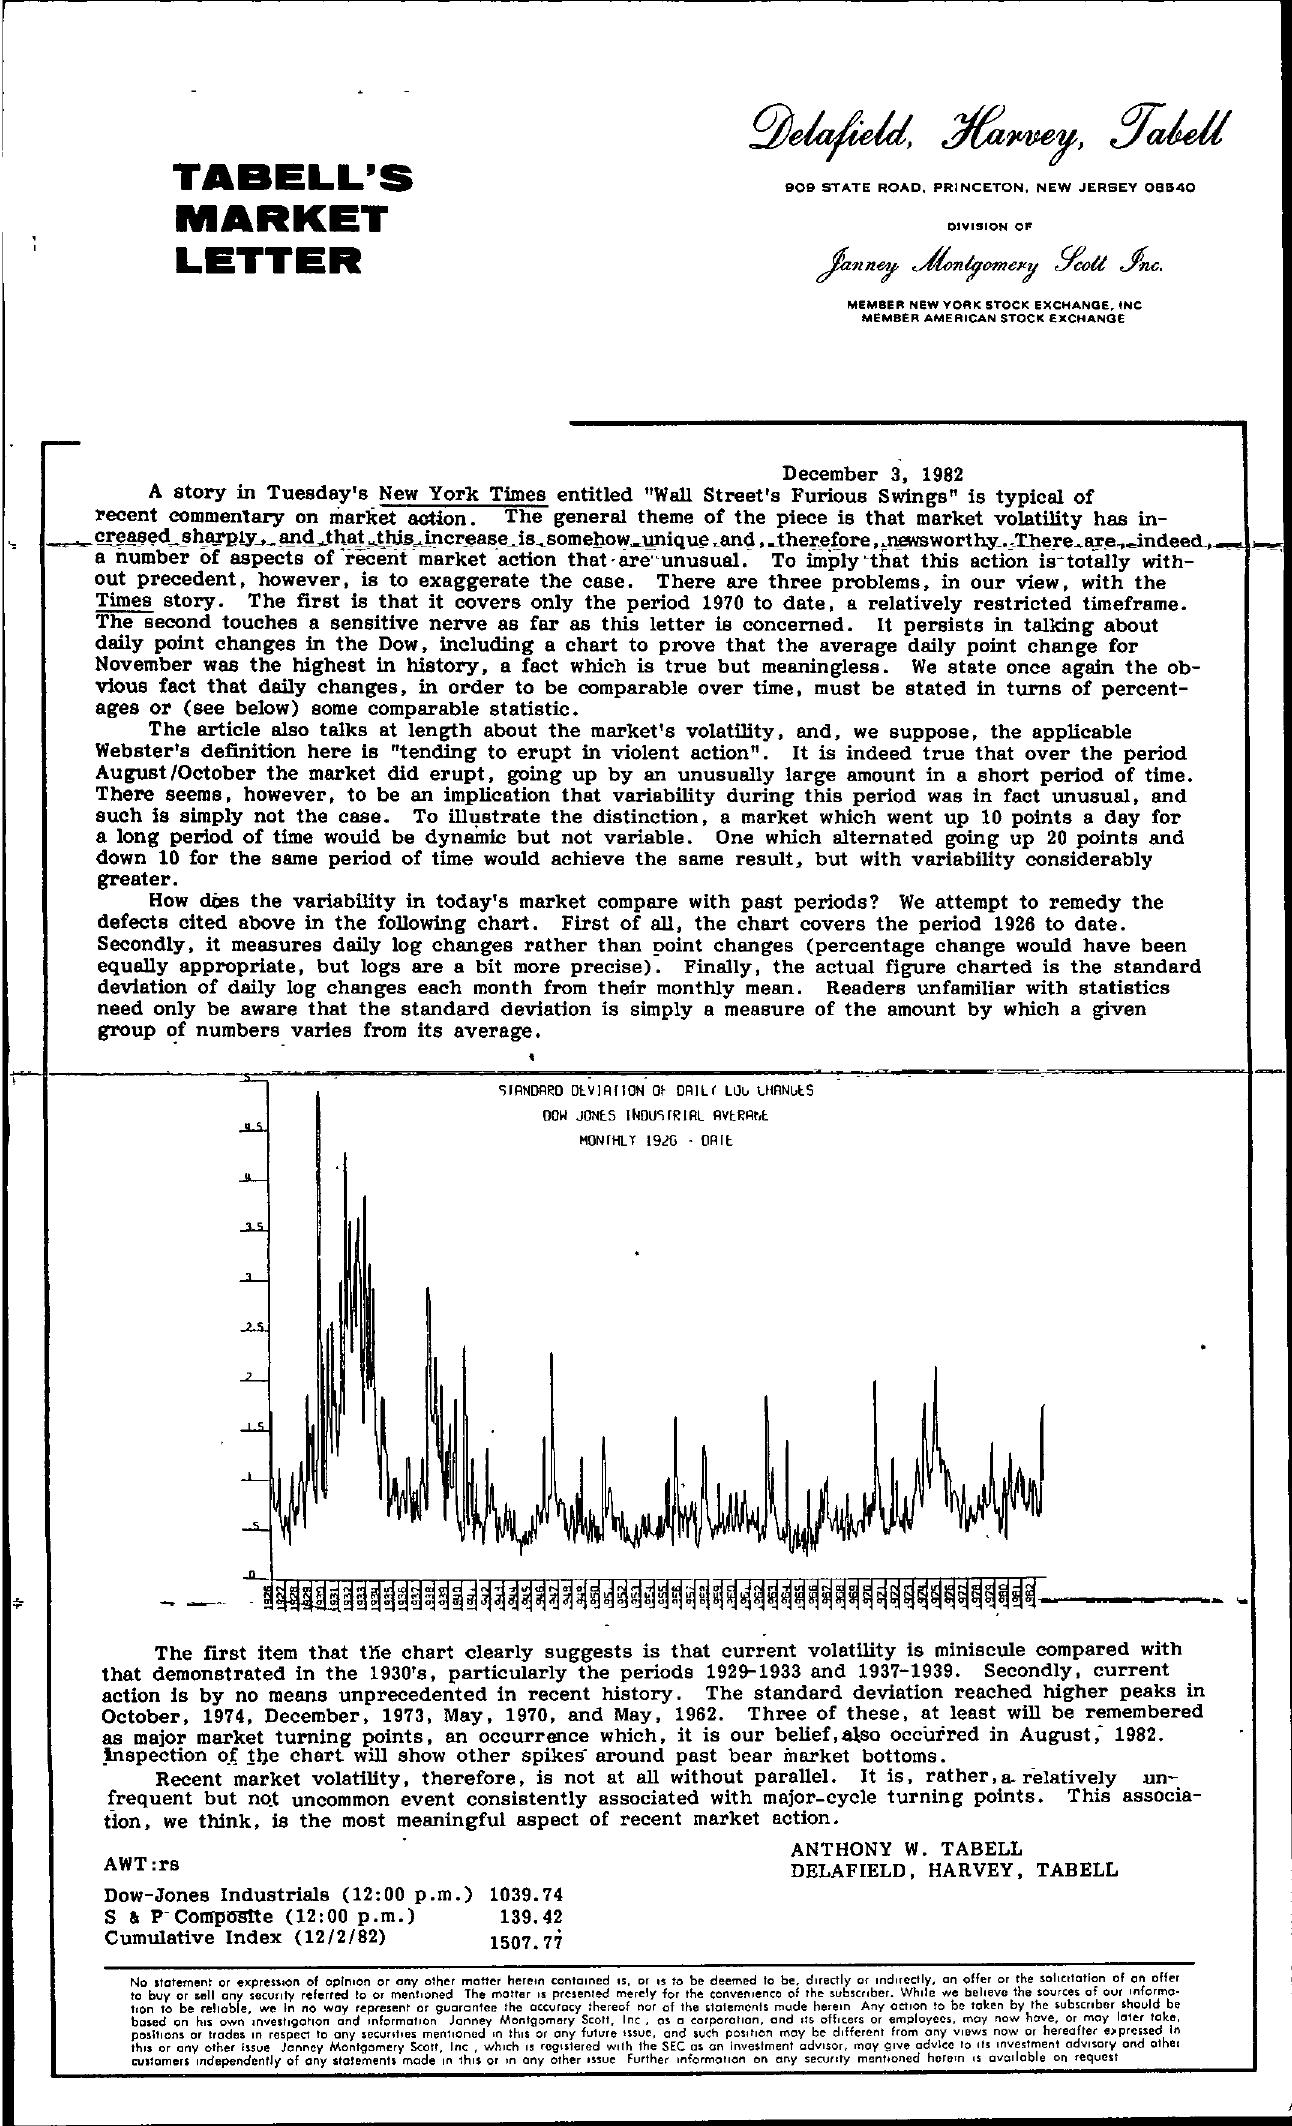 Tabell's Market Letter - December 03, 1982